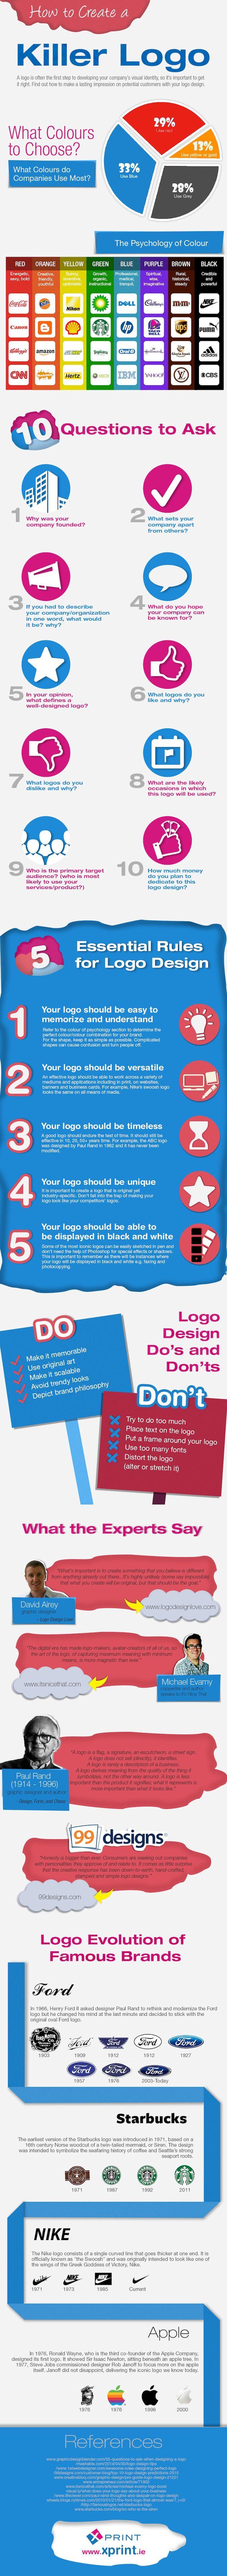 Infographic: How To Create A Killer Logo - DesignTAXI.com